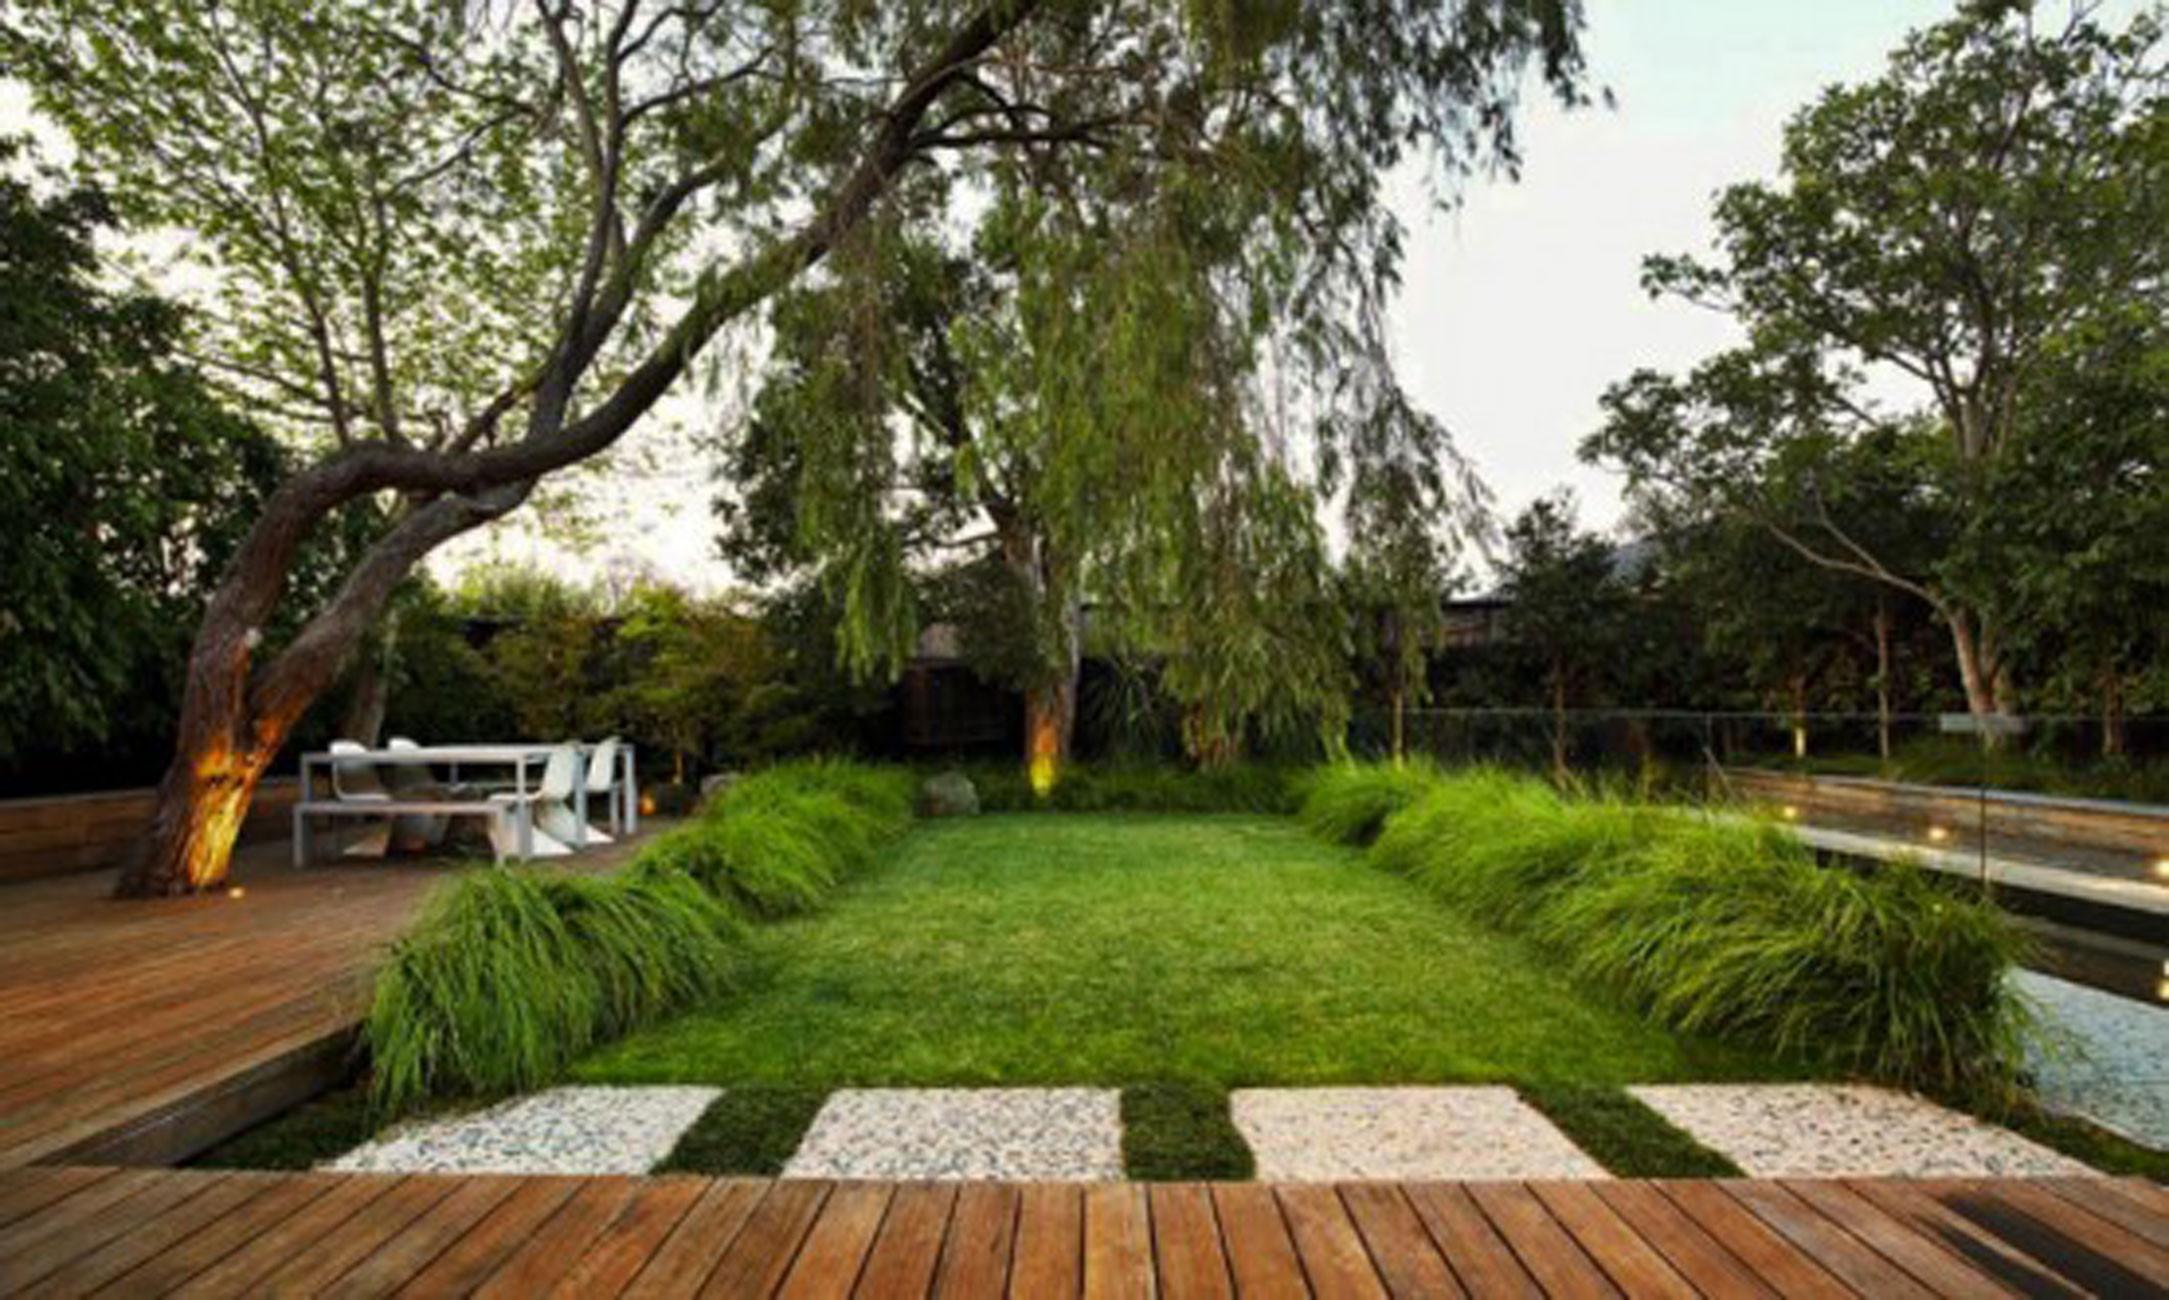 Landscape Architecture Design  Landscape Architecture & Home Gardens – IN ARCHITECTURE